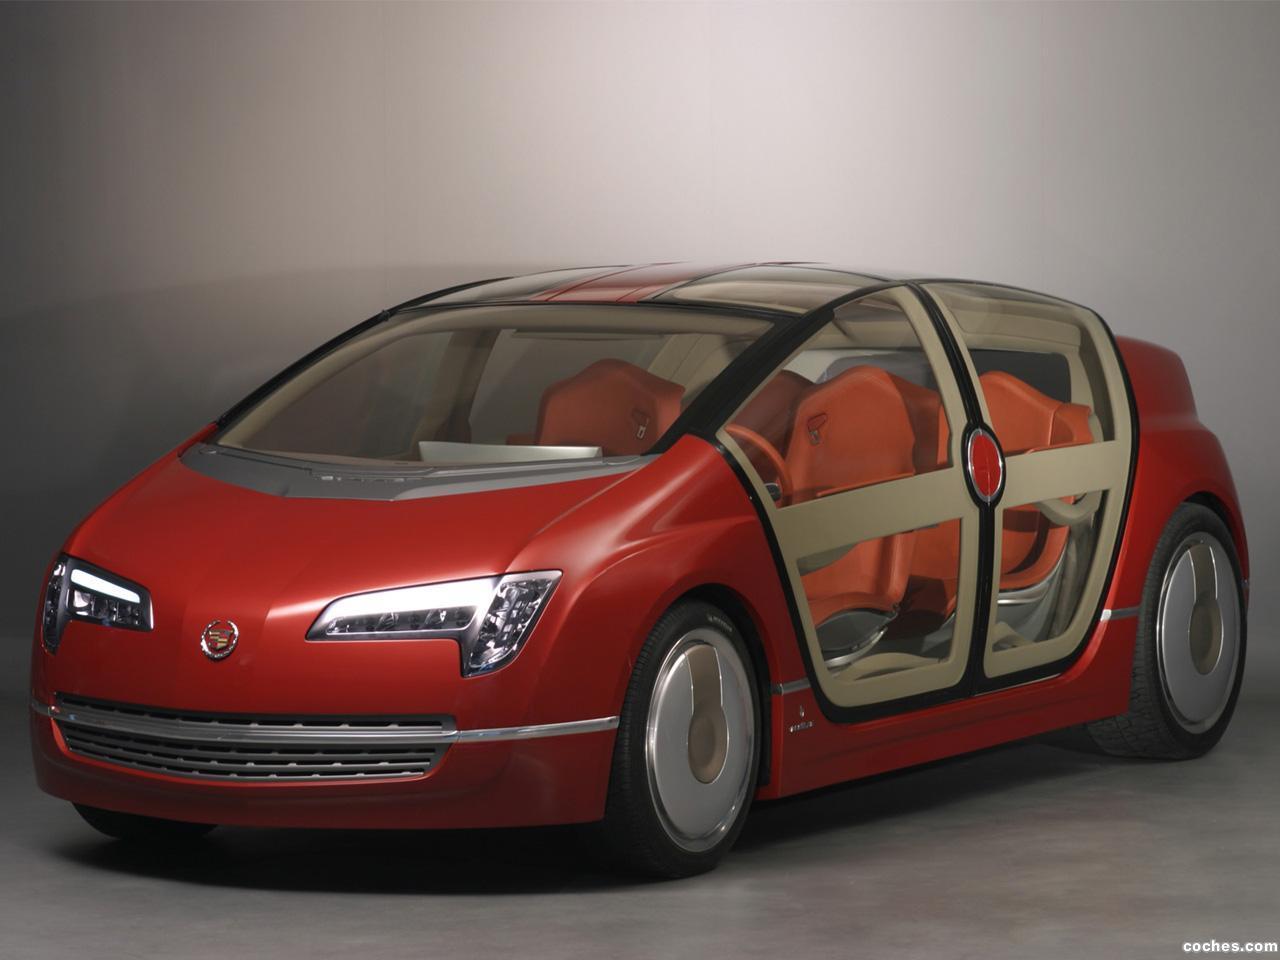 Foto 0 de Cadillac Villa Concept por Bertone 2005